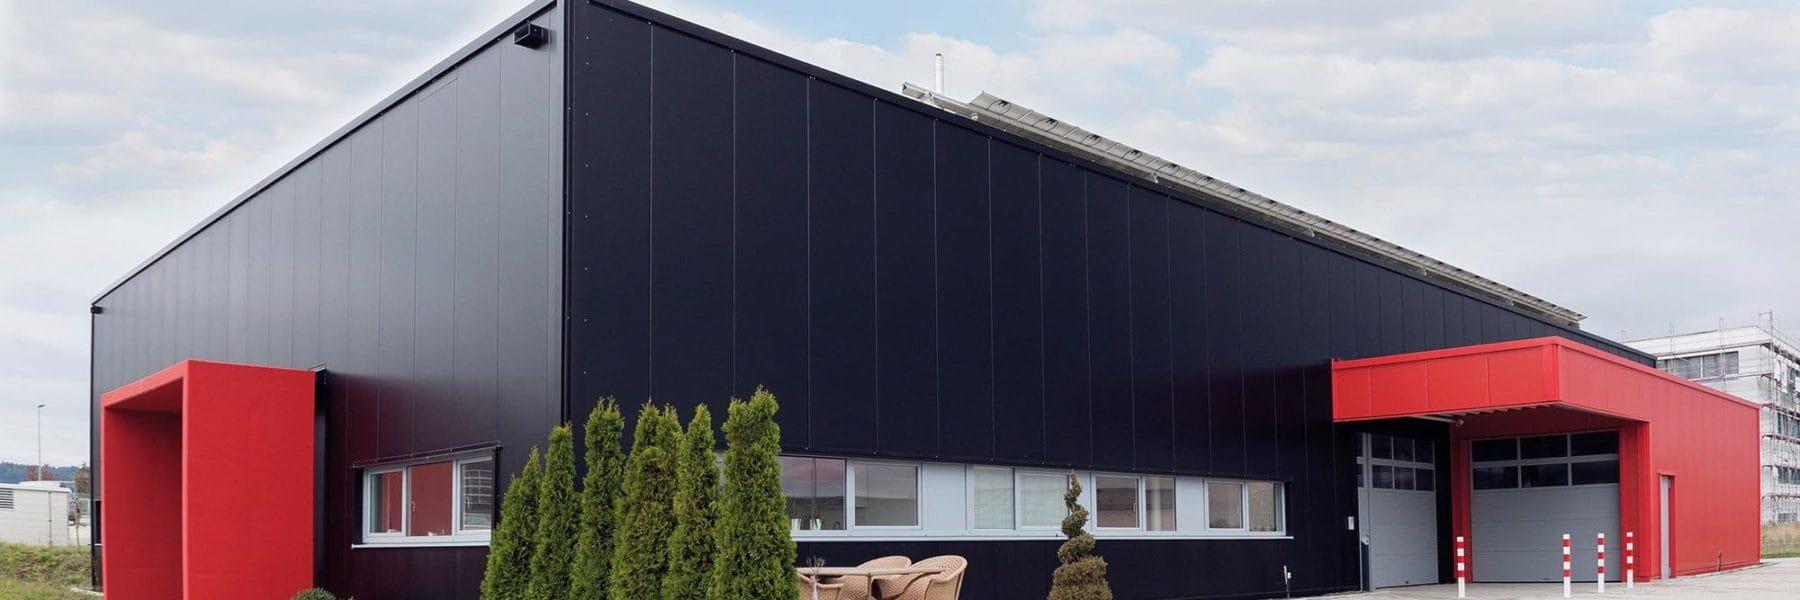 Industriebau Karlsruhe IBS